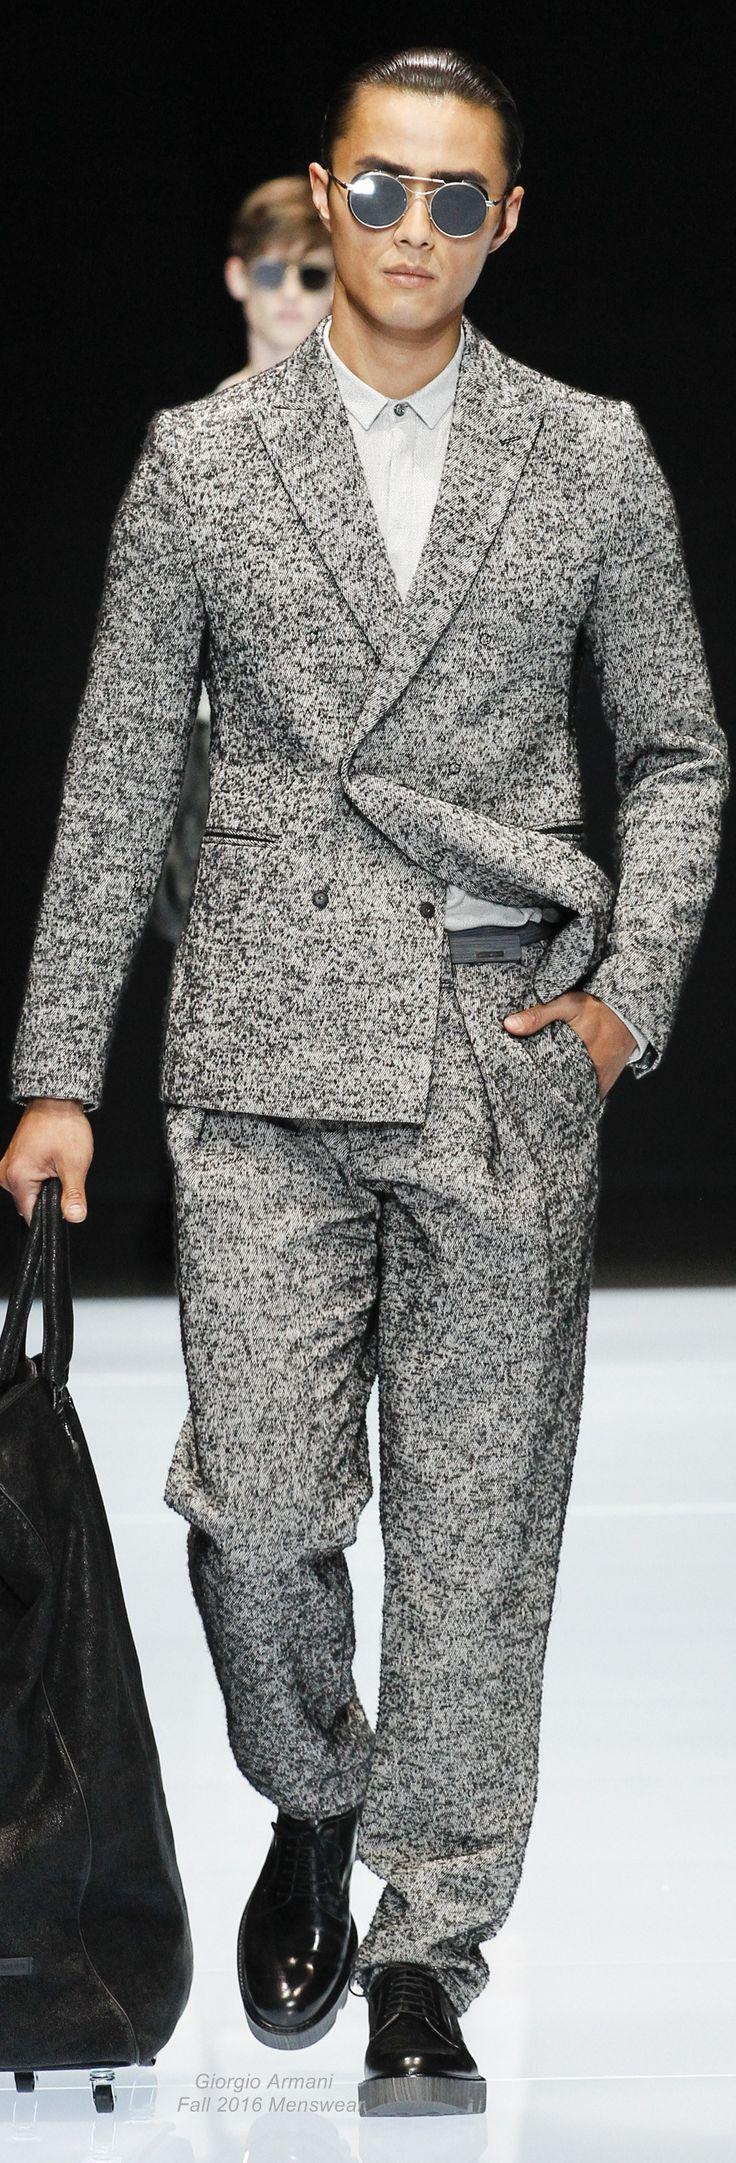 Emporio Armani Fall 2016 Menswear